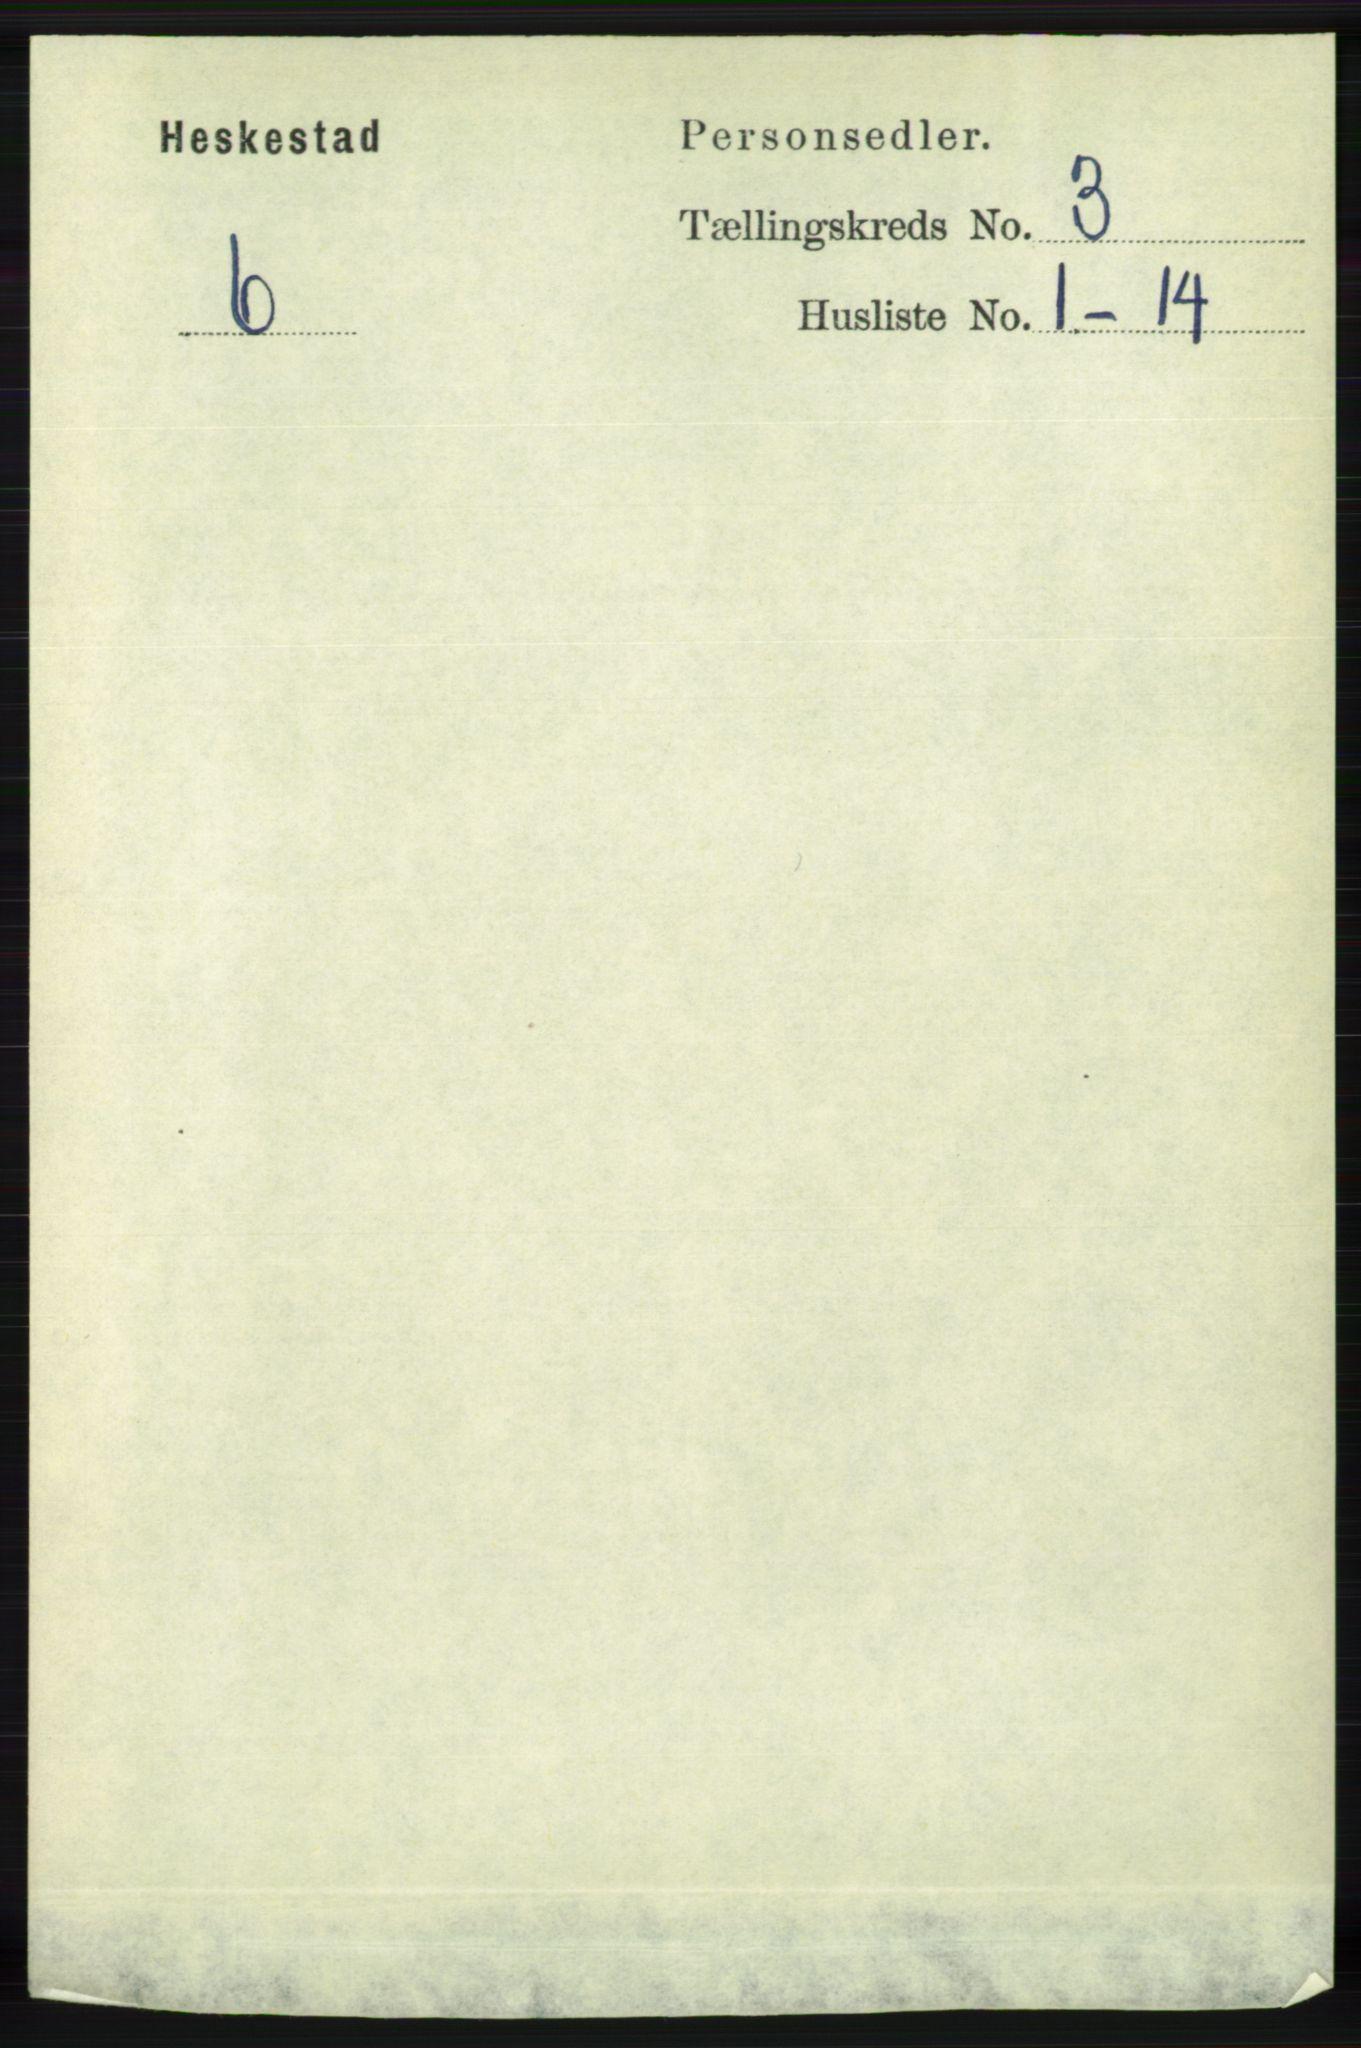 RA, Folketelling 1891 for 1113 Heskestad herred, 1891, s. 407